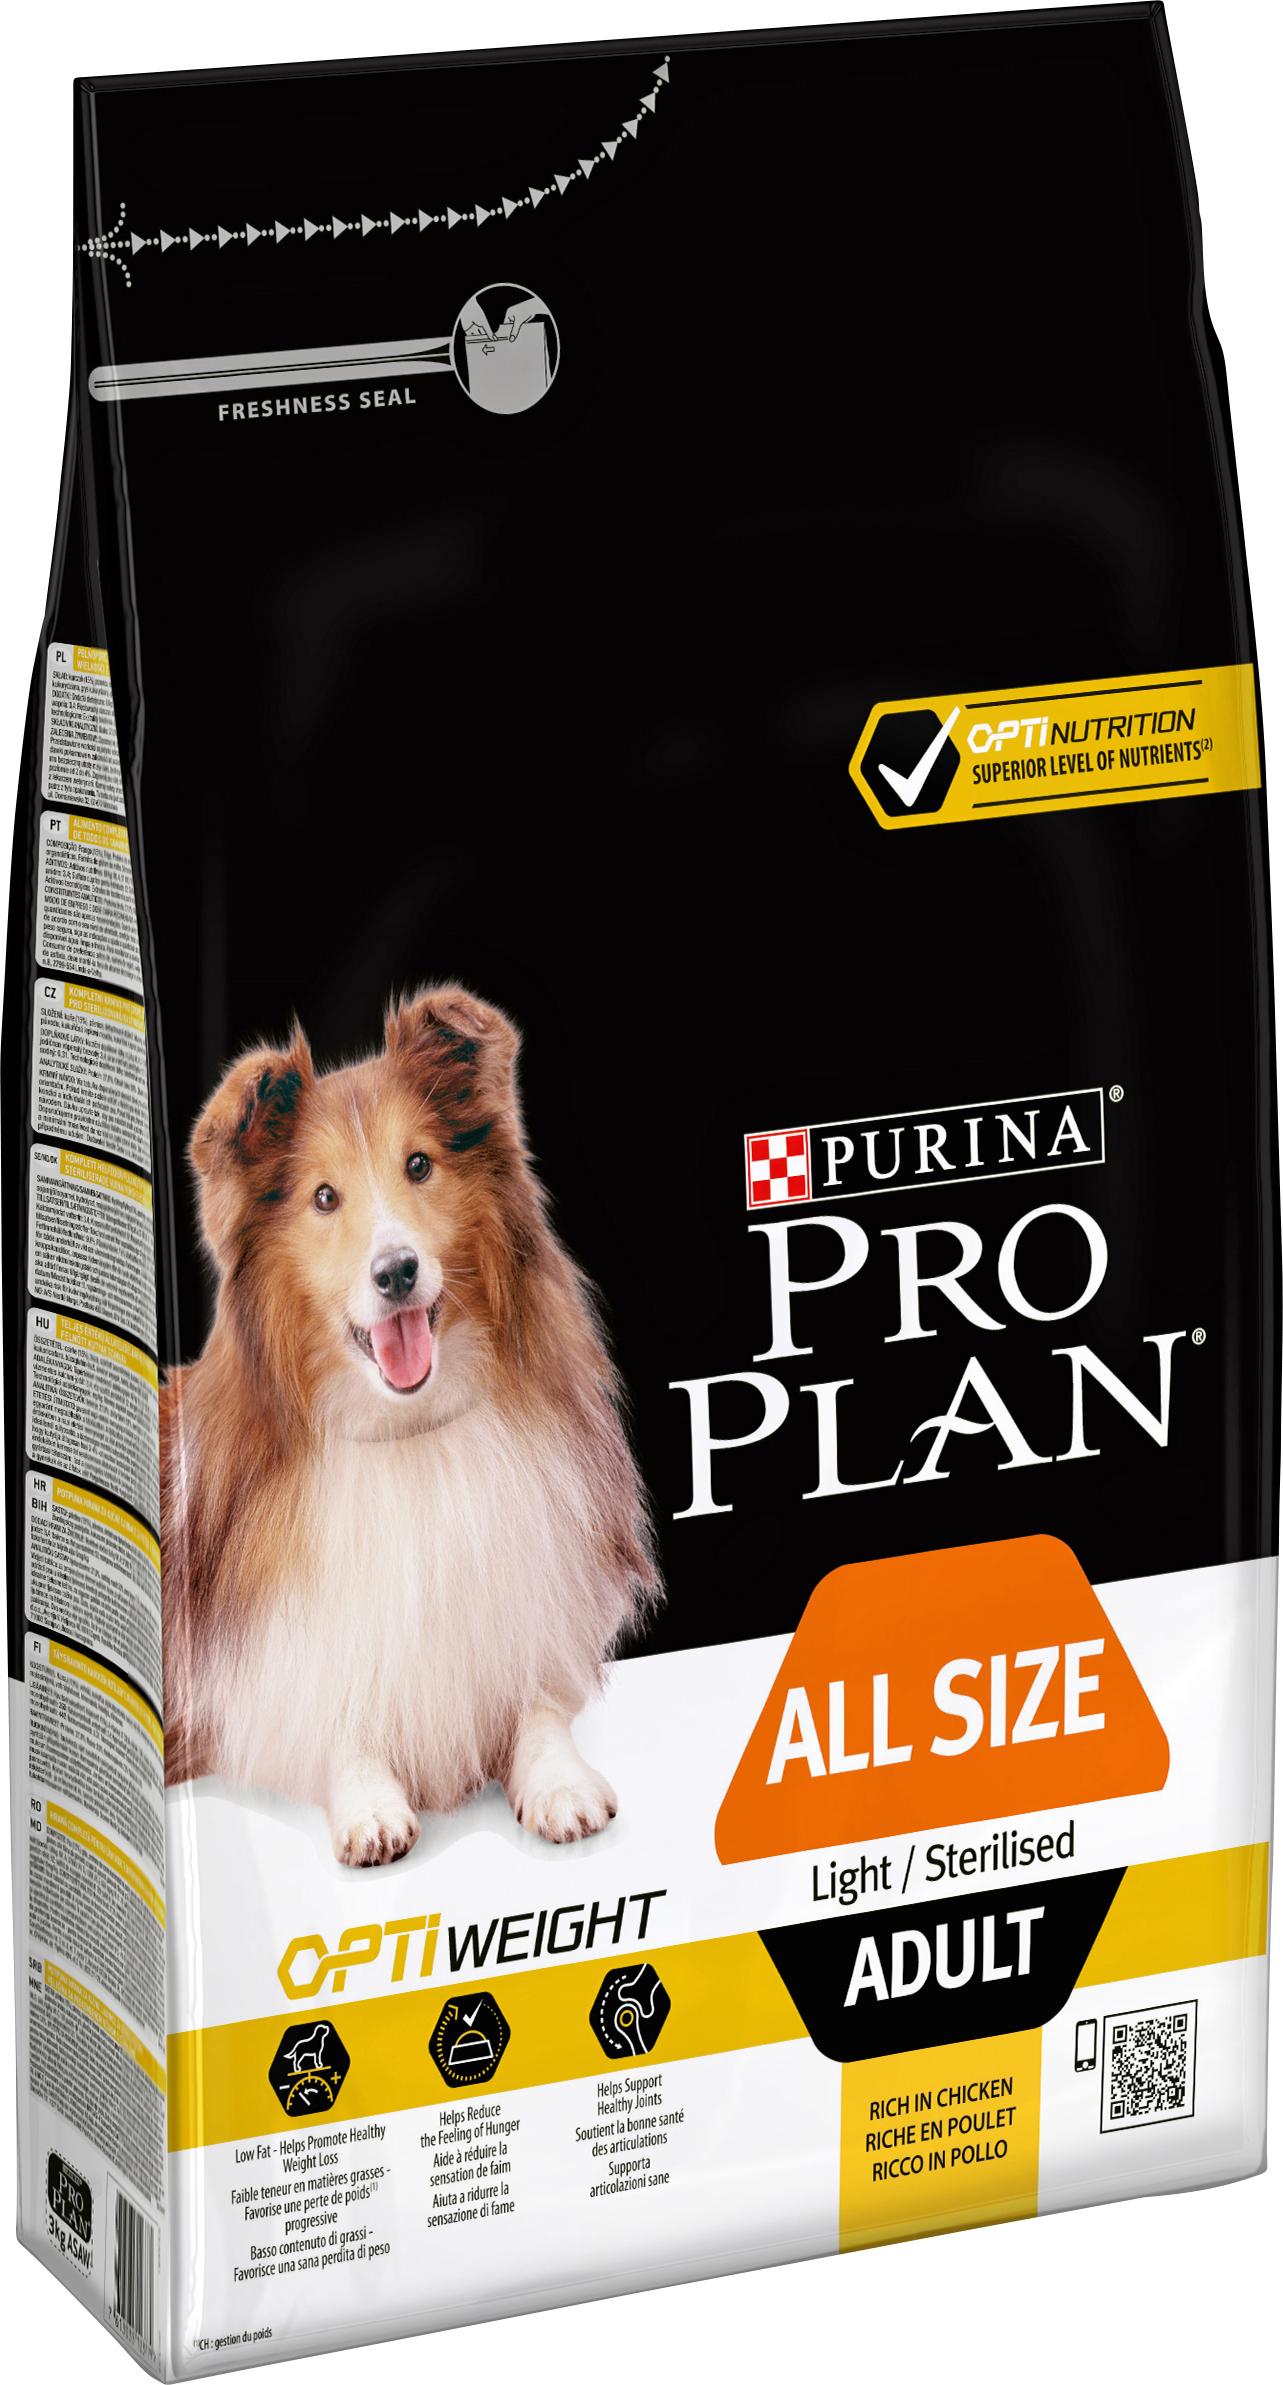 Hundfoder Pro Plan Adult Light Sterilised, 3 kg